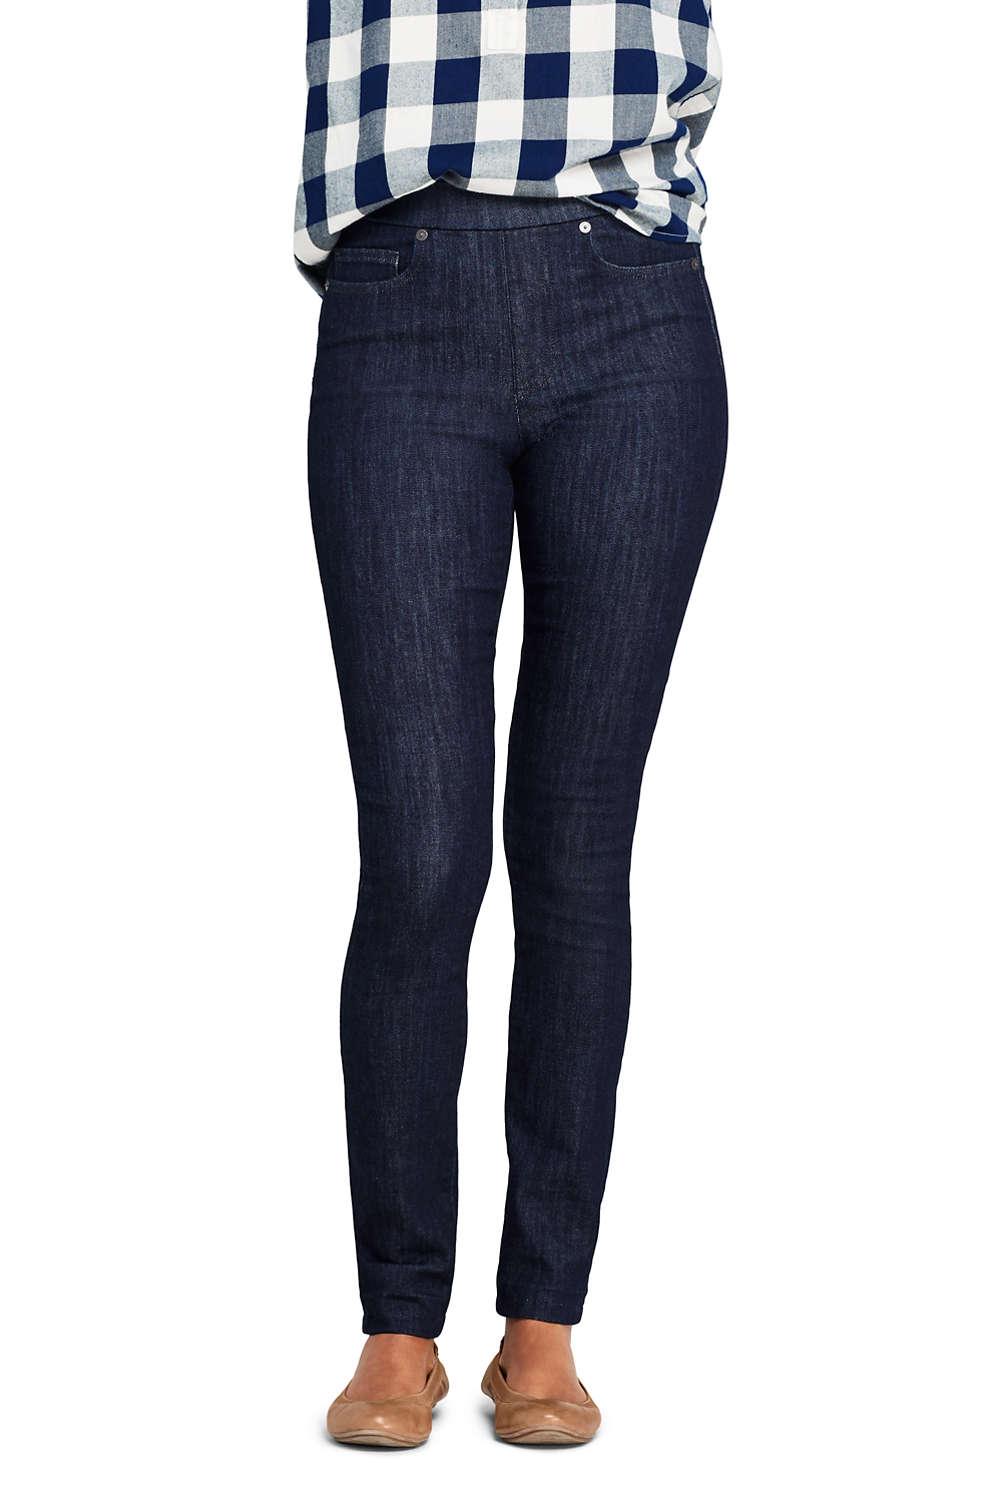 buy popular c6b6b f0dde Women's Elastic Waist Pull On Skinny Legging Jeans - Blue